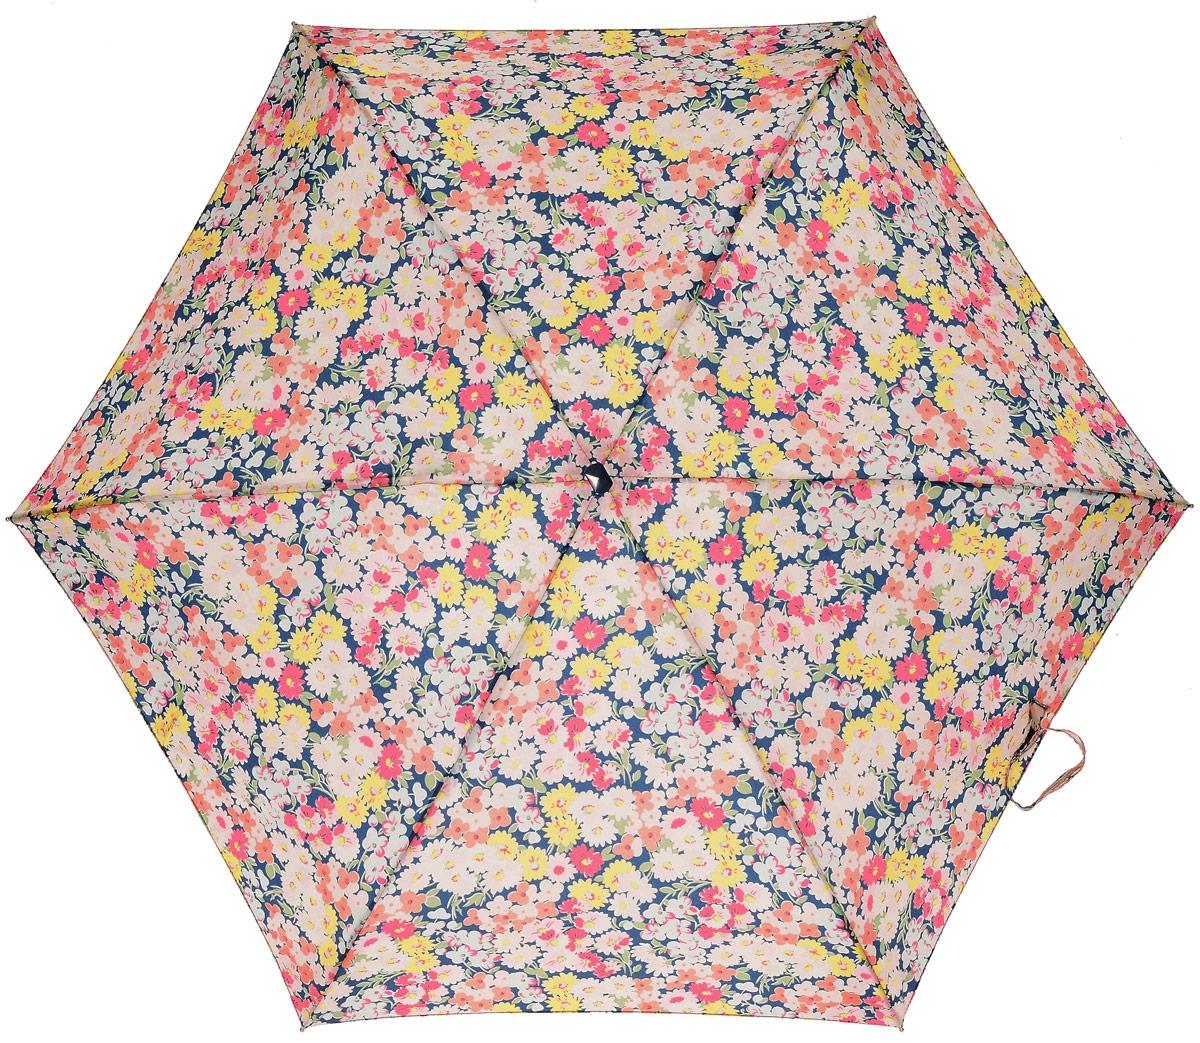 Зонт женский Fulton Cath Kidston, механический, 5 сложений, цвет: мультиколор. L521-3132Колье (короткие одноярусные бусы)Компактный женский зонт Fulton выполнен из металла и пластика.Каркас зонта выполнен из шести спиц на прочном алюминиевом стержне. Купол зонта изготовлен из прочного полиэстера. Закрытый купол застегивается на хлястик с липучкой. Практичная рукоятка закругленной формы разработана с учетом требований эргономики и выполнена из натурального дерева.Зонт складывается и раскладывается механическим способом.Зонт дополнен легким плоским чехлом. Такая модель не только надежно защитит от дождя, но и станет стильным аксессуаром.